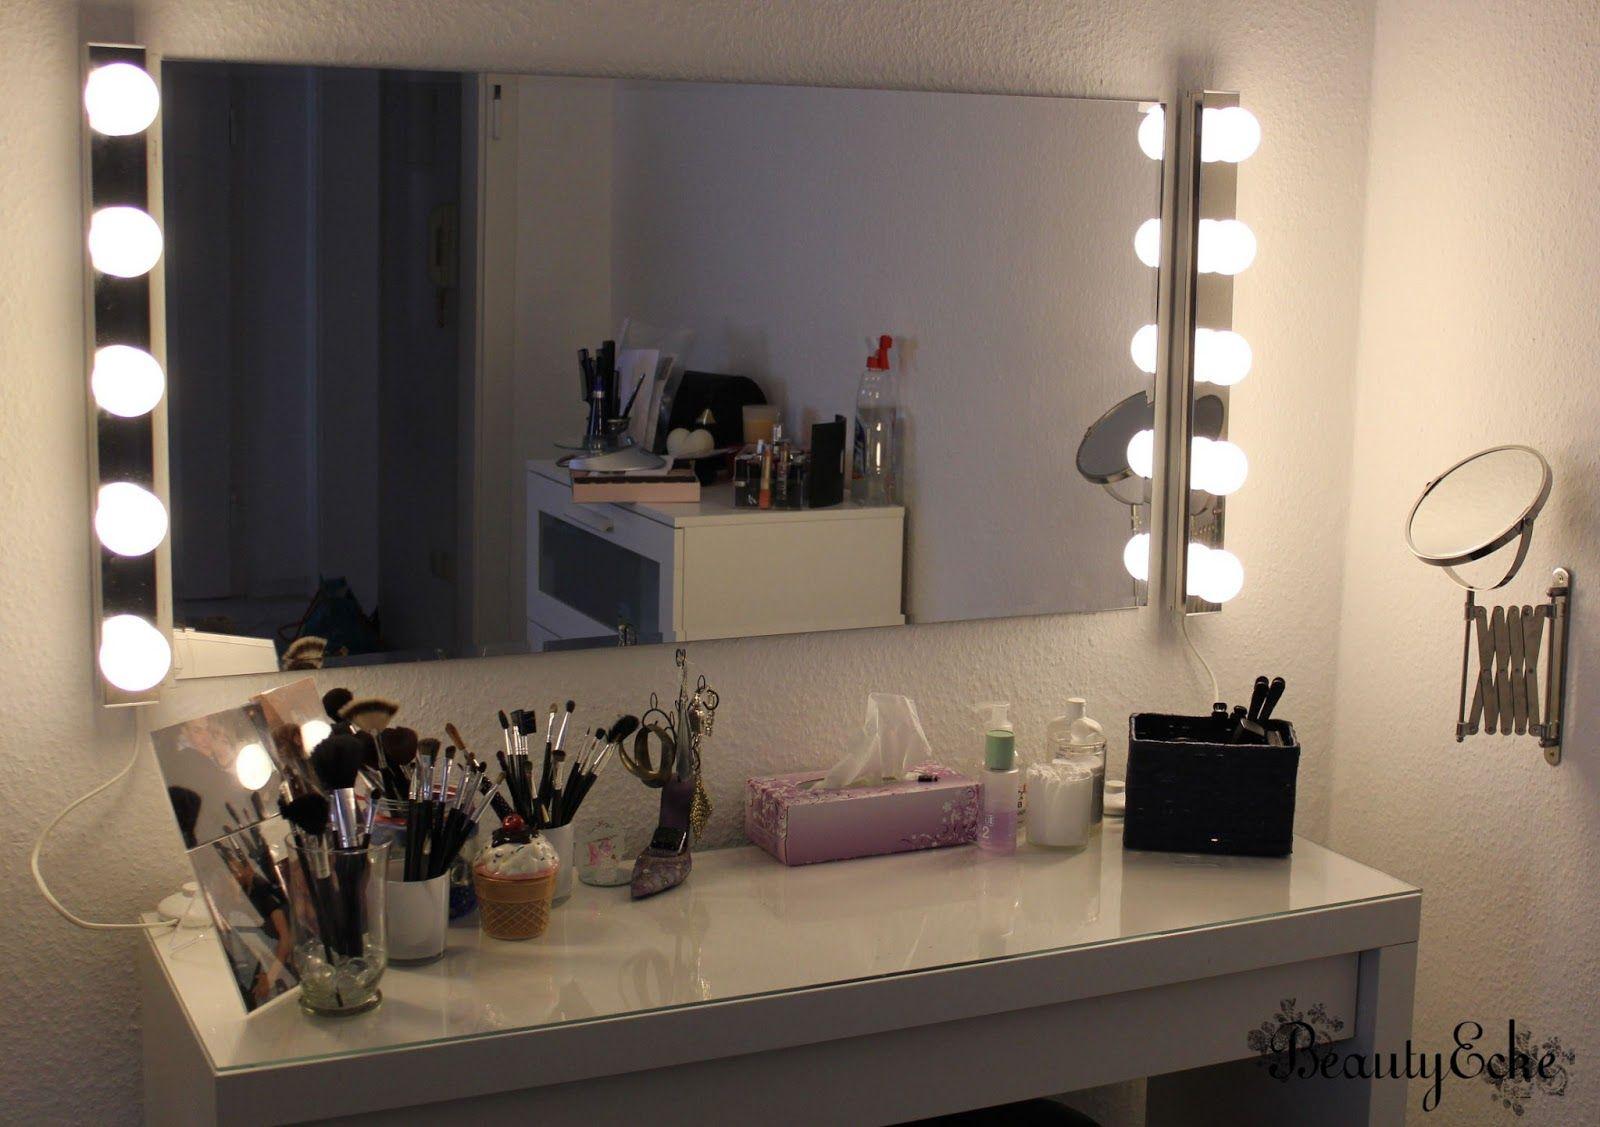 Ледше действительно ярче зеркало с подсветкой Лиллольген